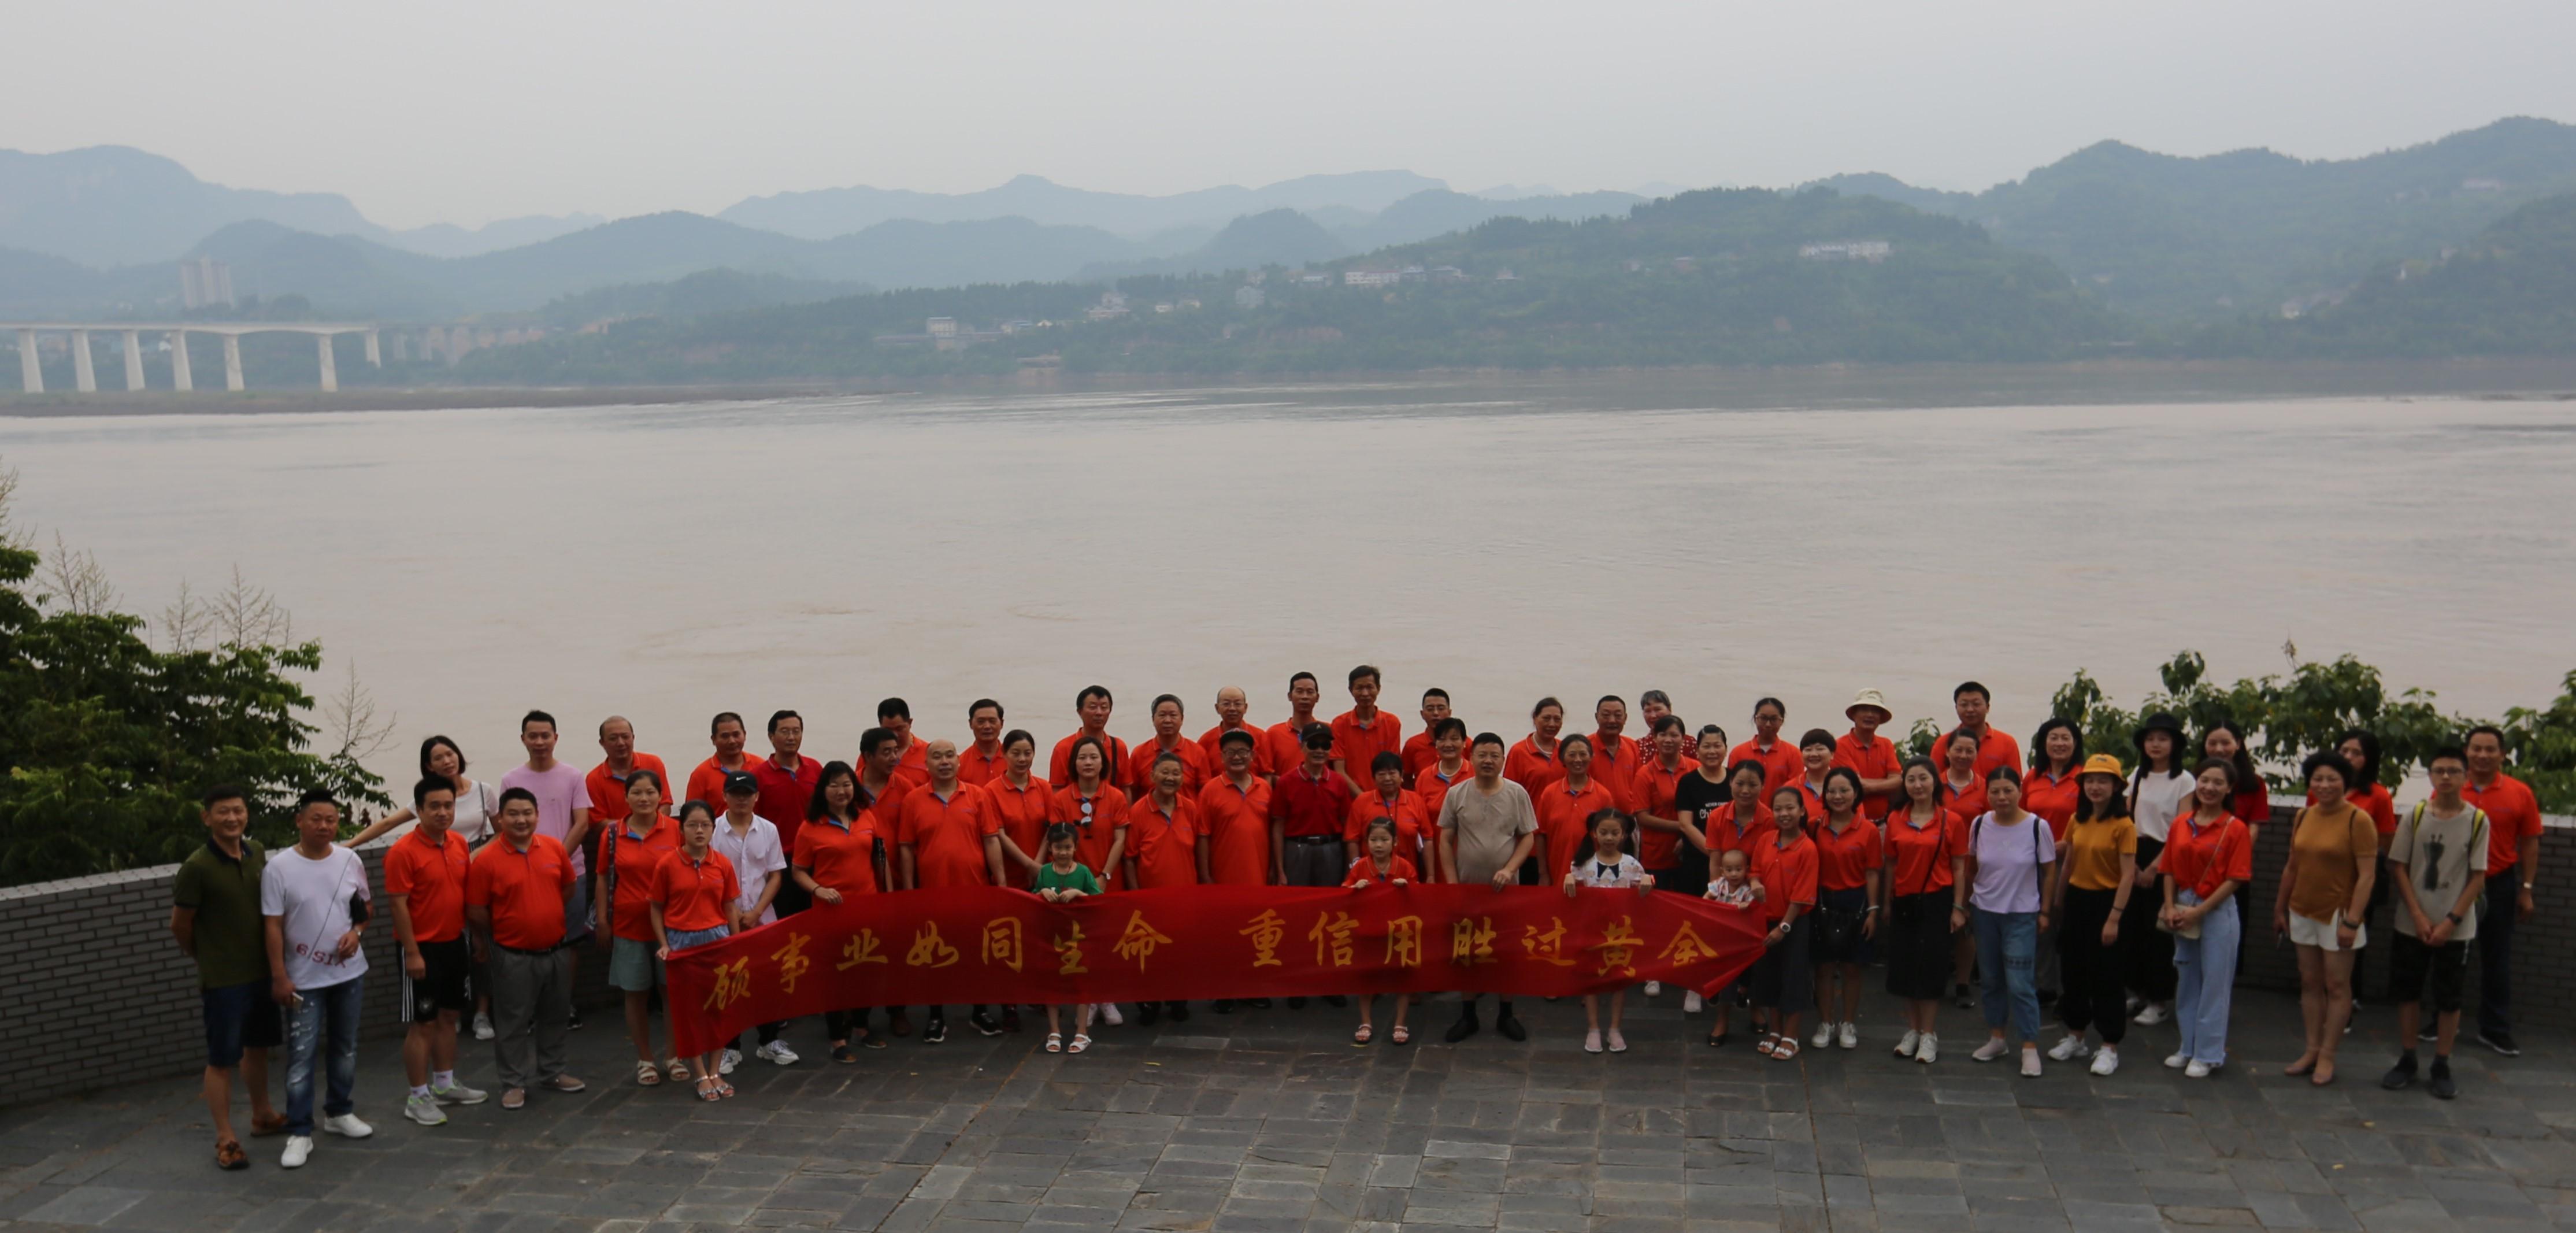 博士来2019年年会在宜昌召开庆祝分公司成立13周年